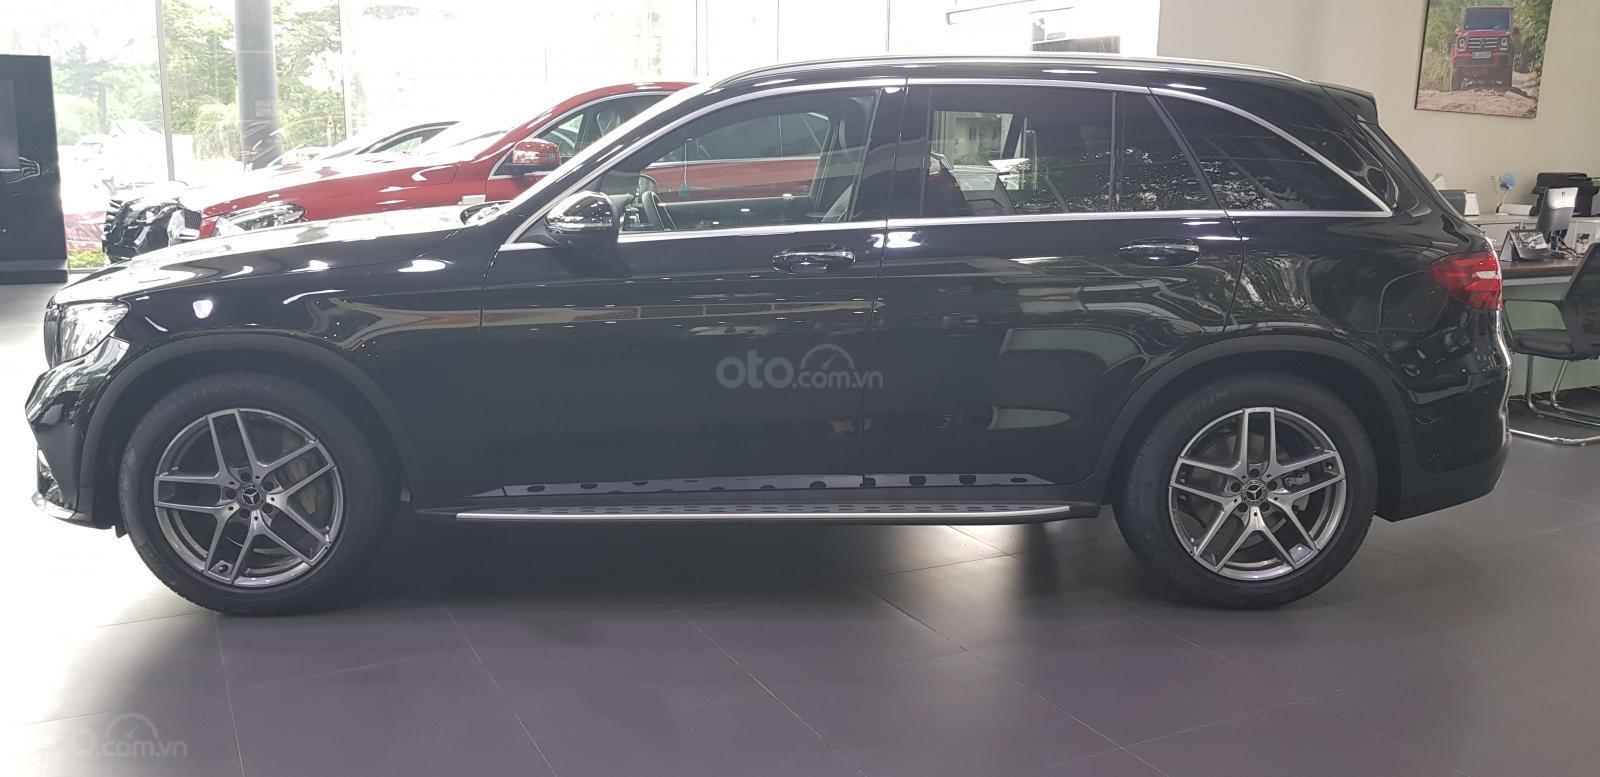 Bán GLC 300 AMG 4Matic - LH: 0984090648 để lái thử xe tại nhà (5)